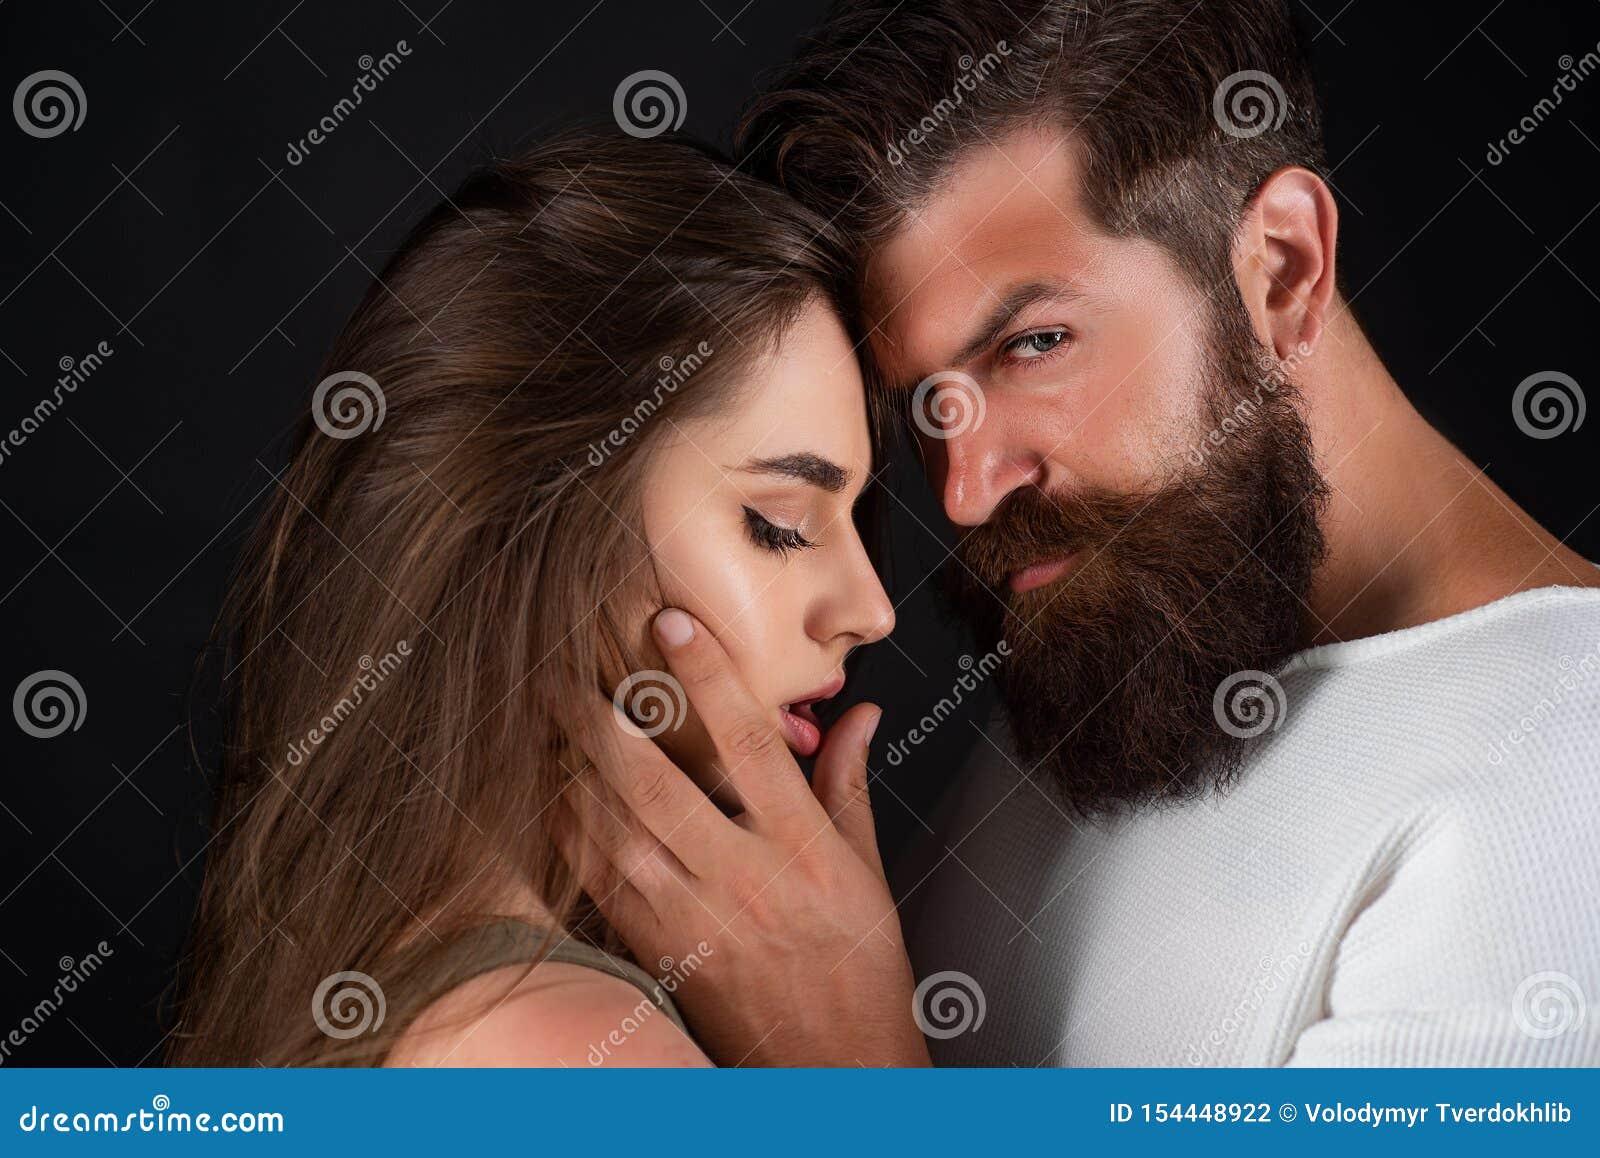 Älteren Mann Junges Mädchen verführt Nachdem Mellisandra